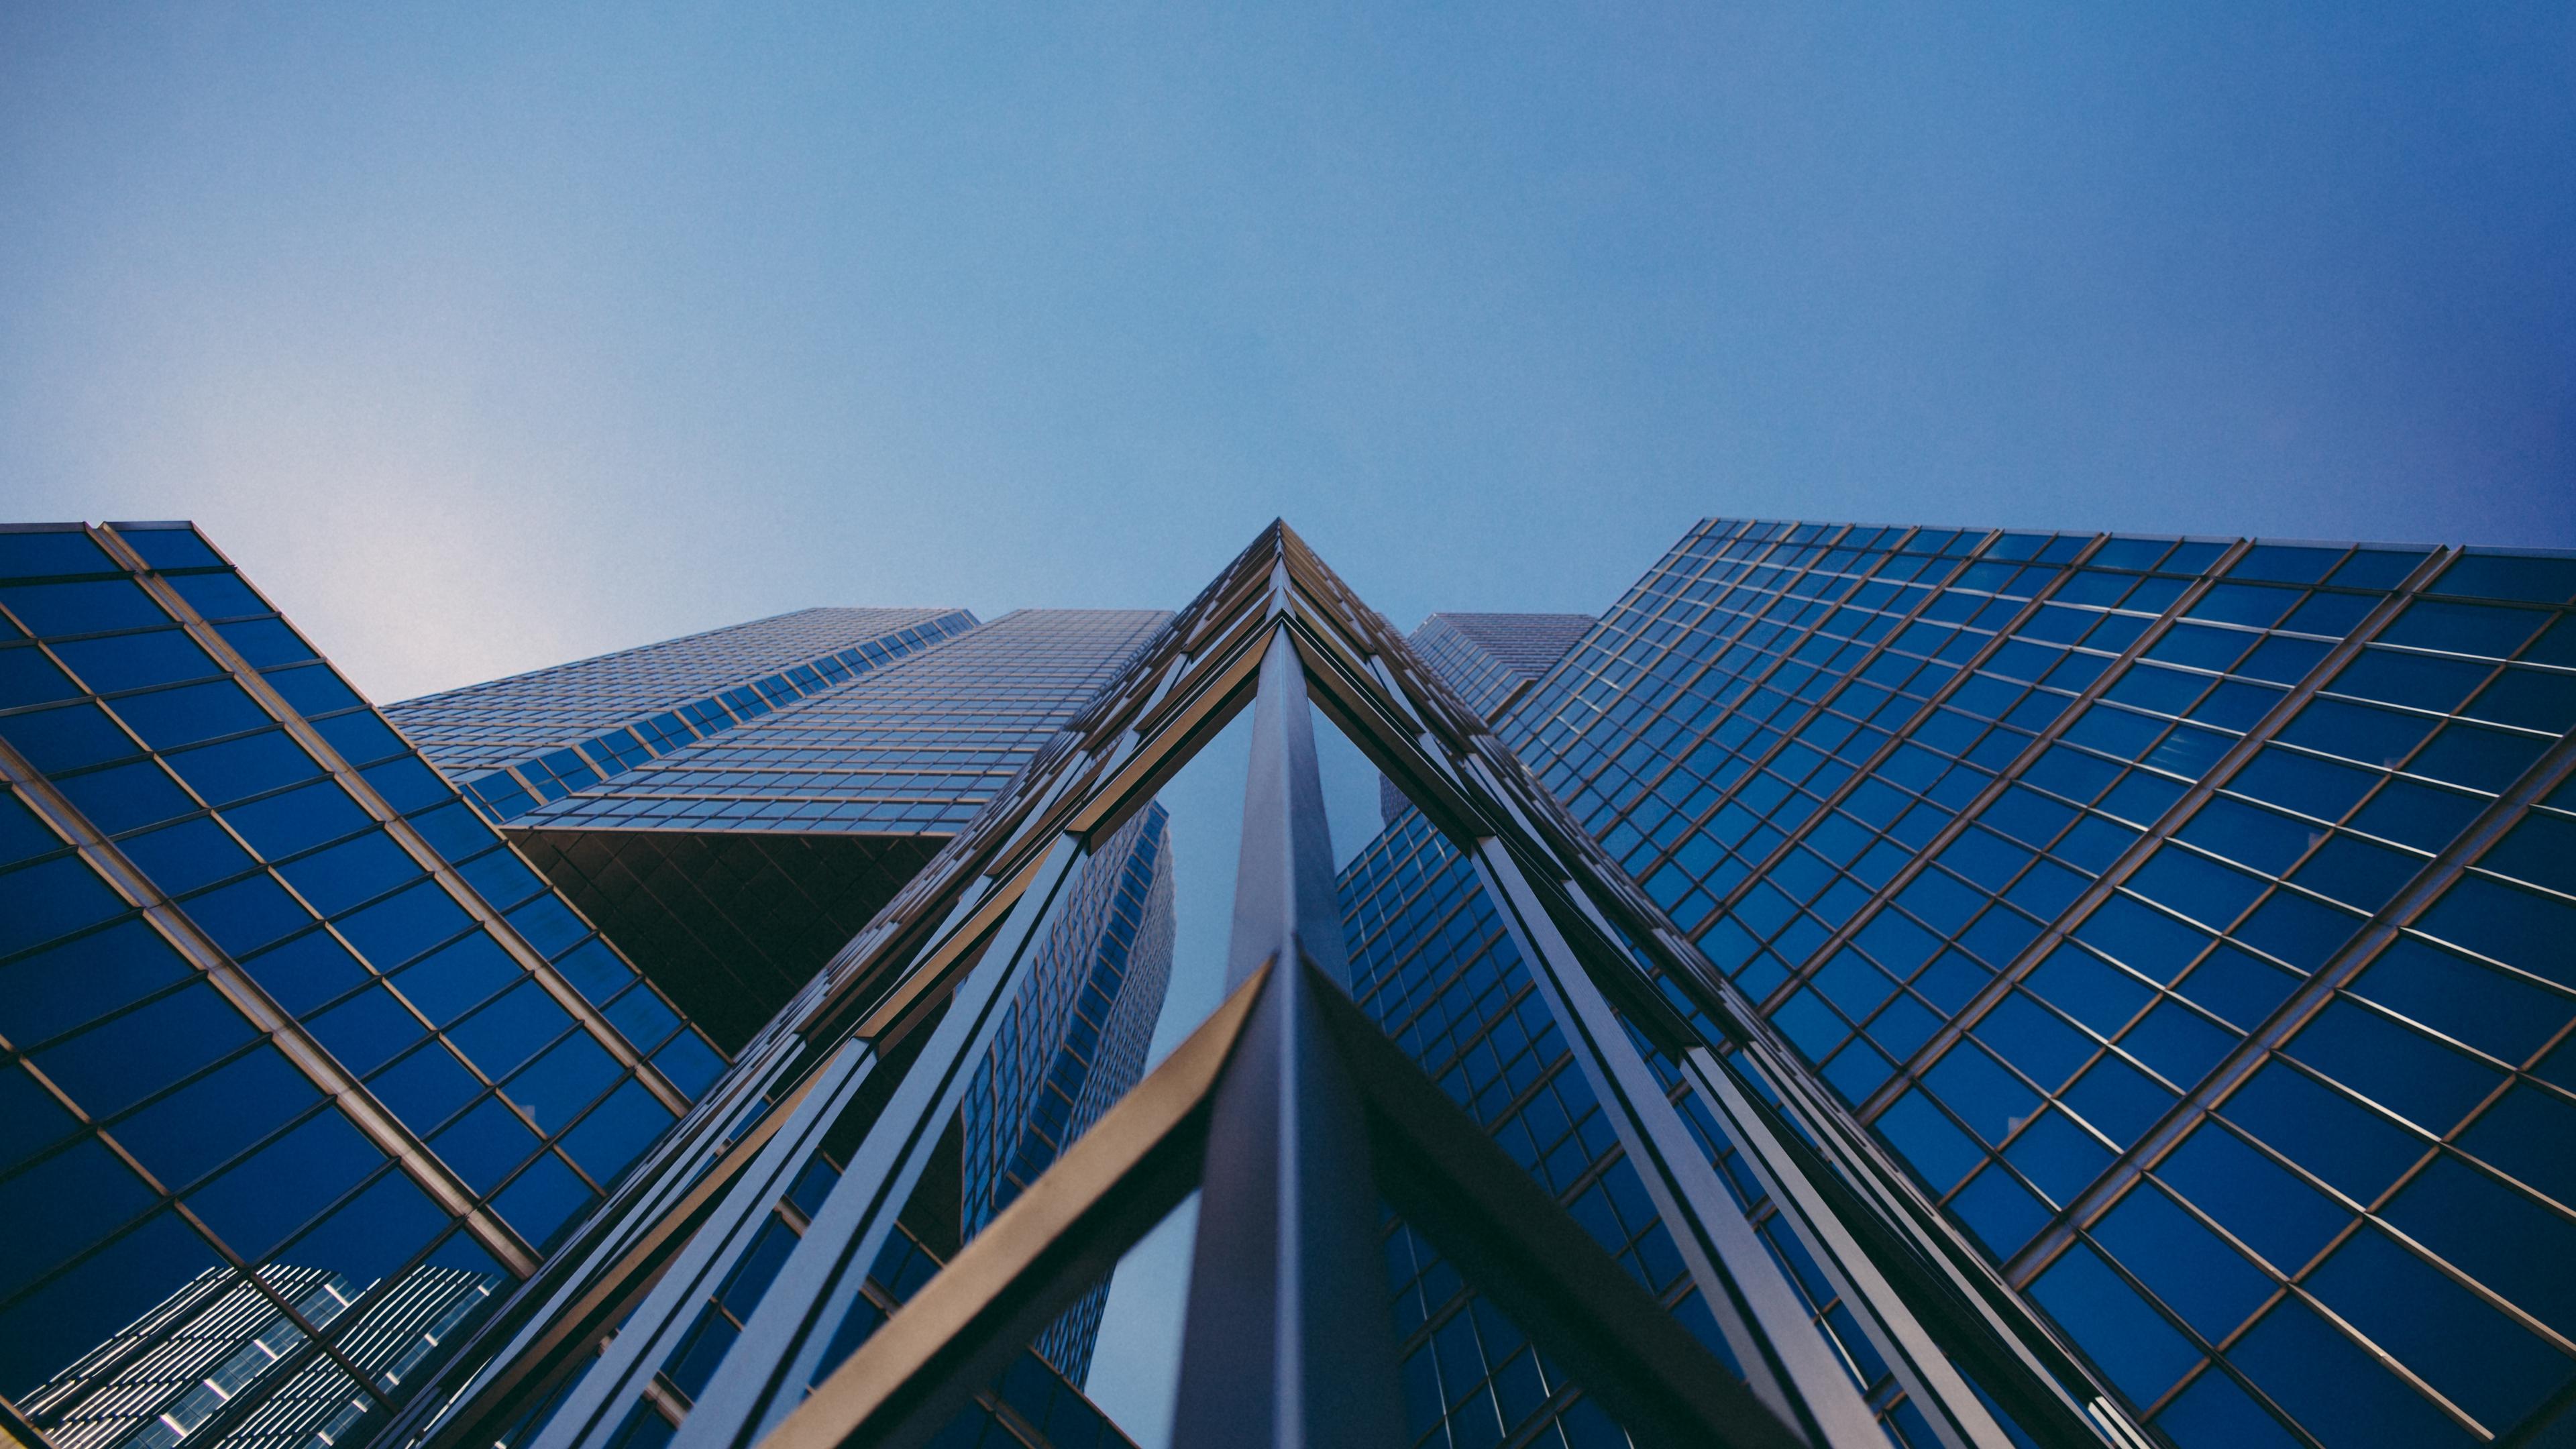 facade building glass bottom view sky 4k 1538066457 - facade, building, glass, bottom view, sky 4k - Glass, facade, Building